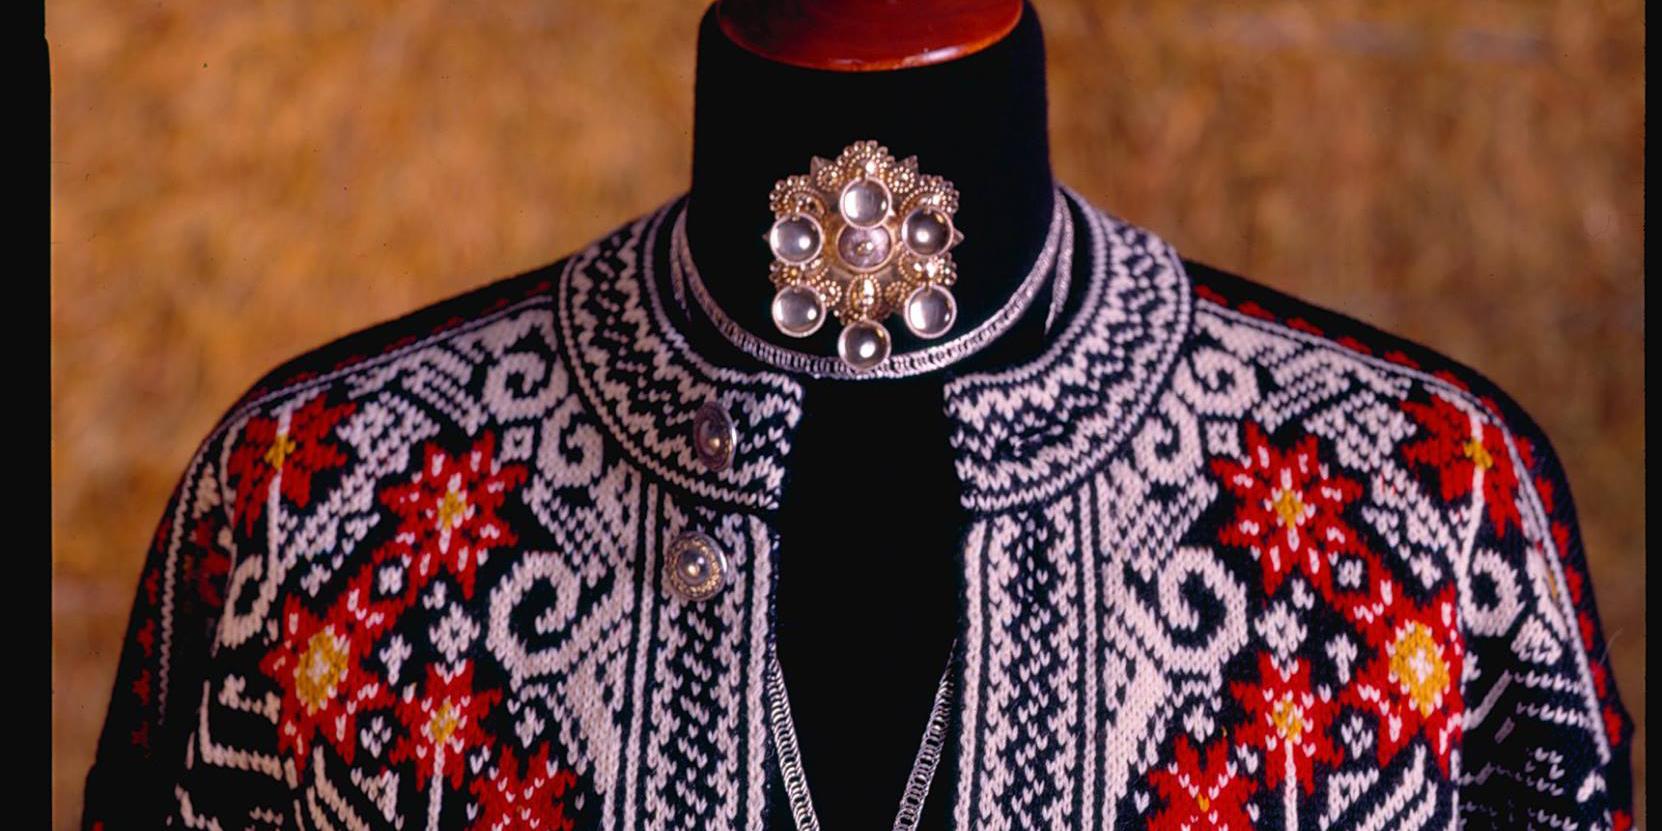 Norlender Knitwear